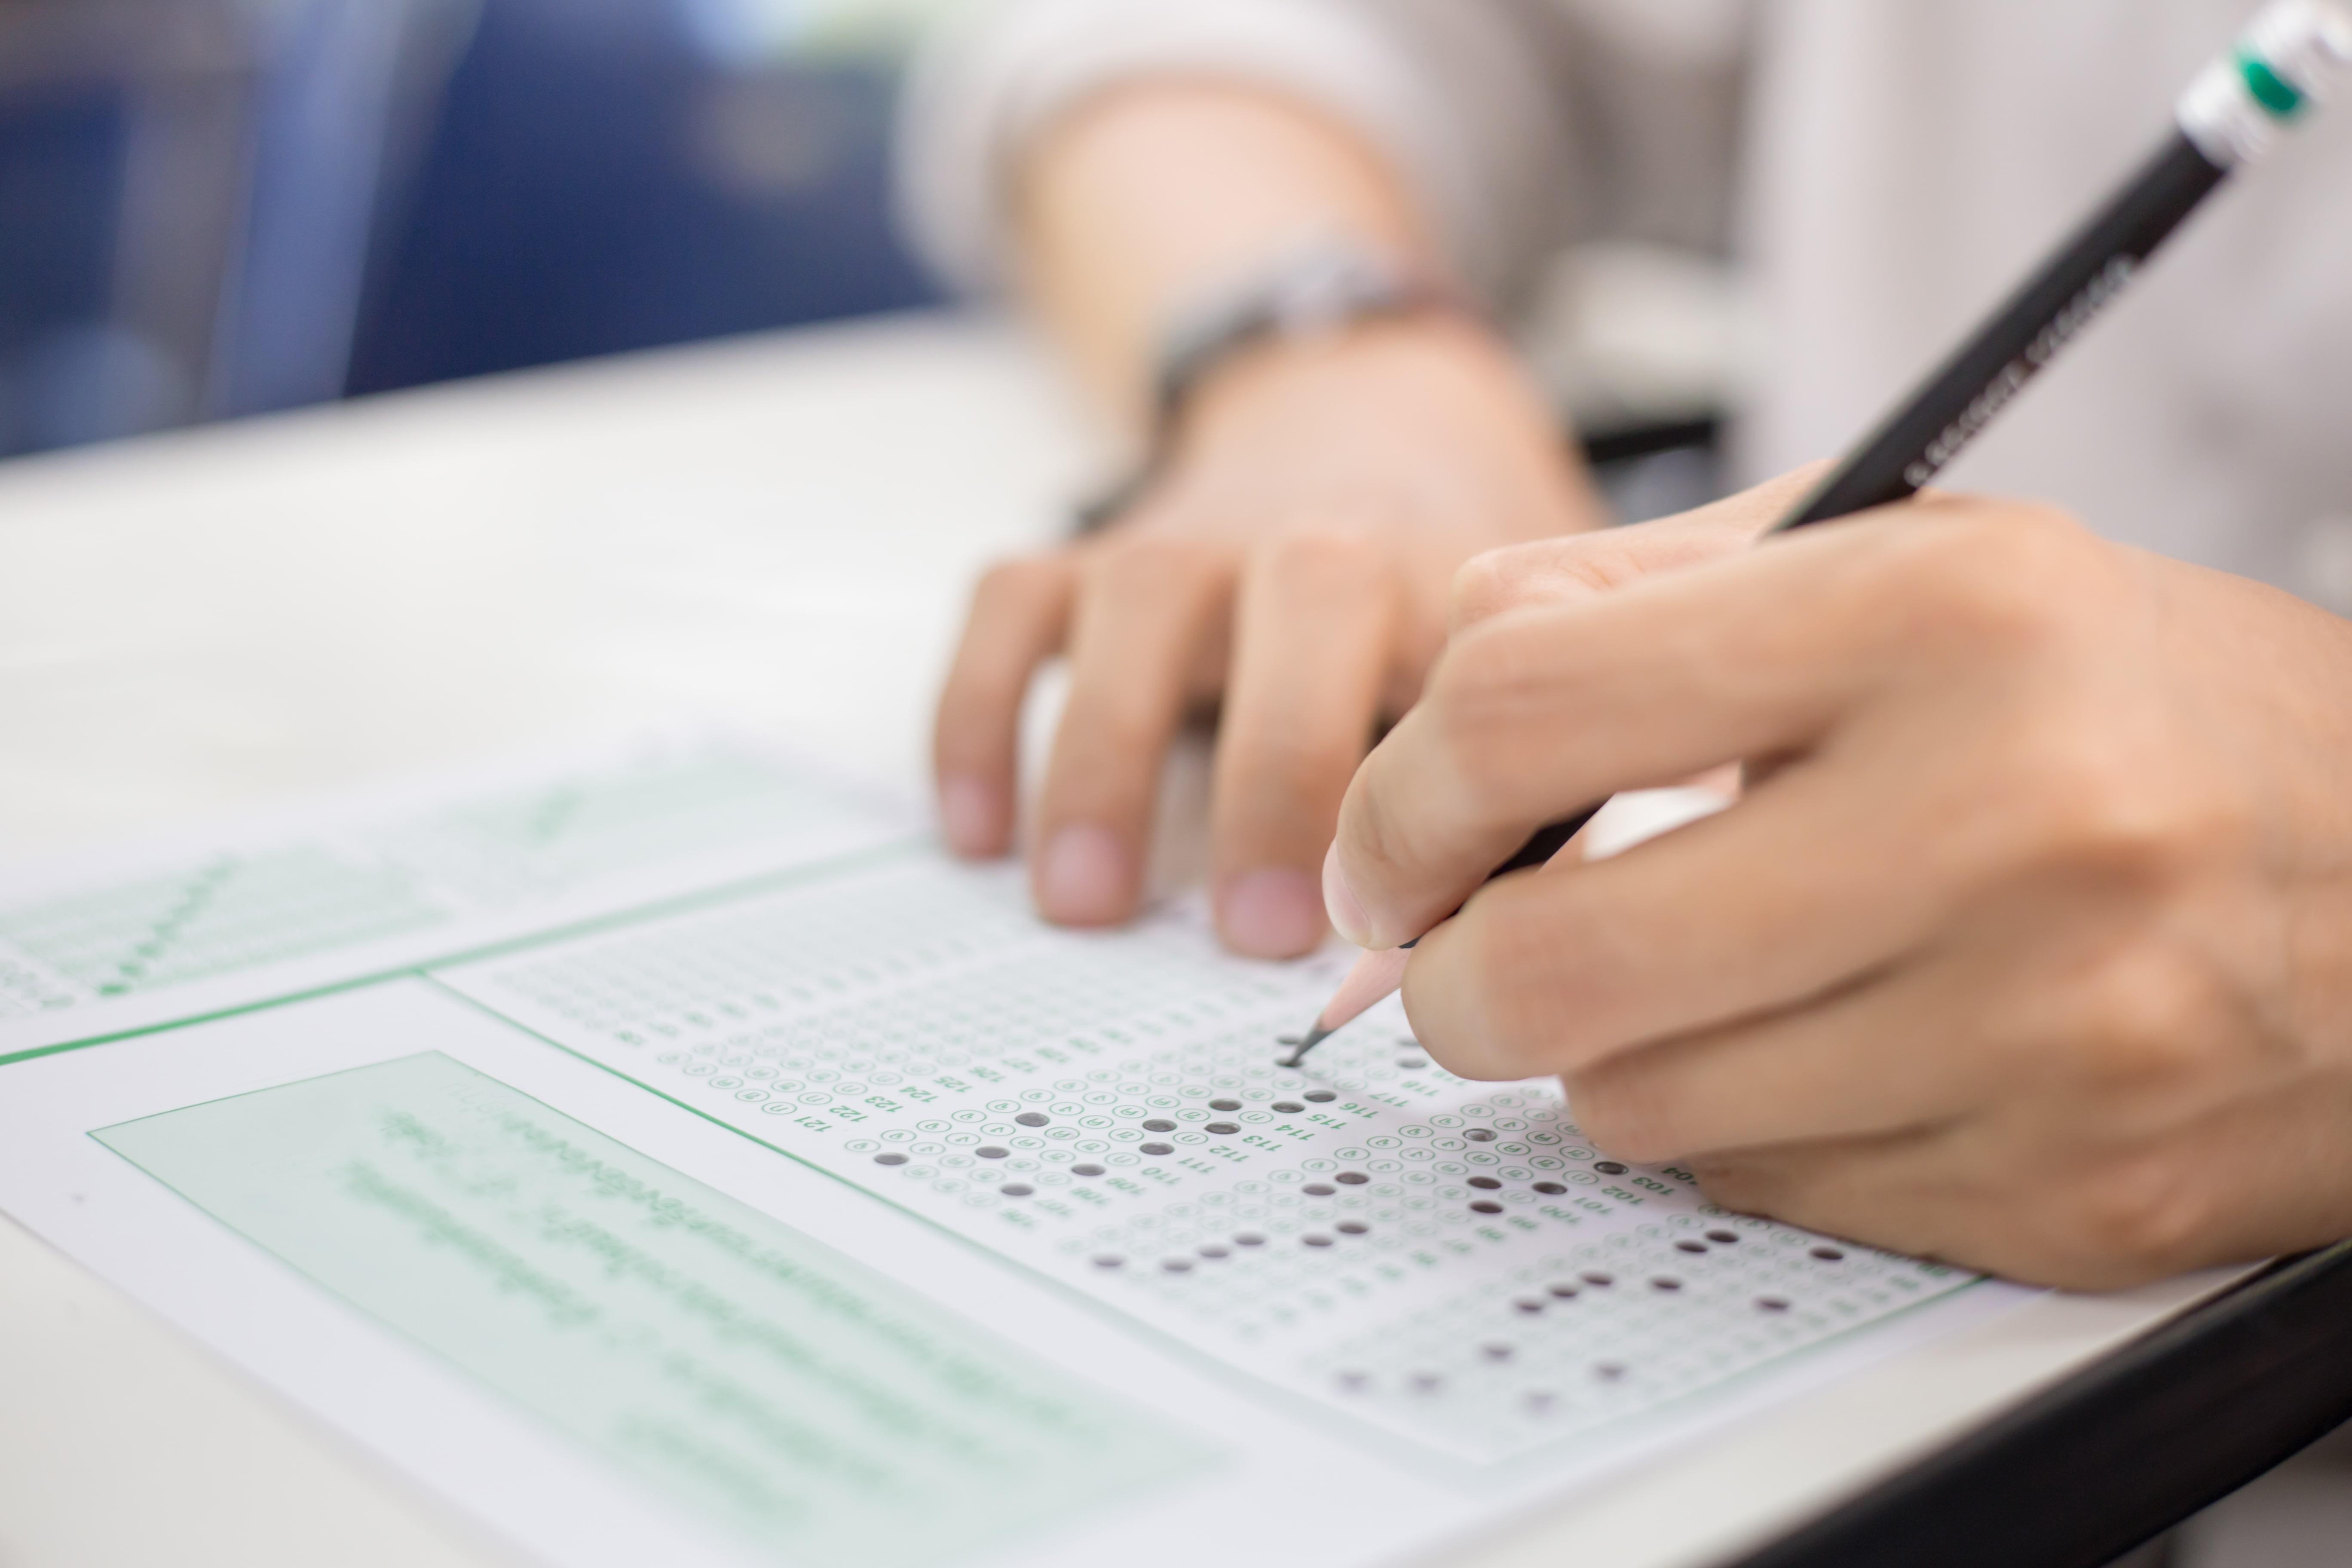 就活での「適性検査」とは?種類・対策方法・難易度など知っておきたい基本事項を解説